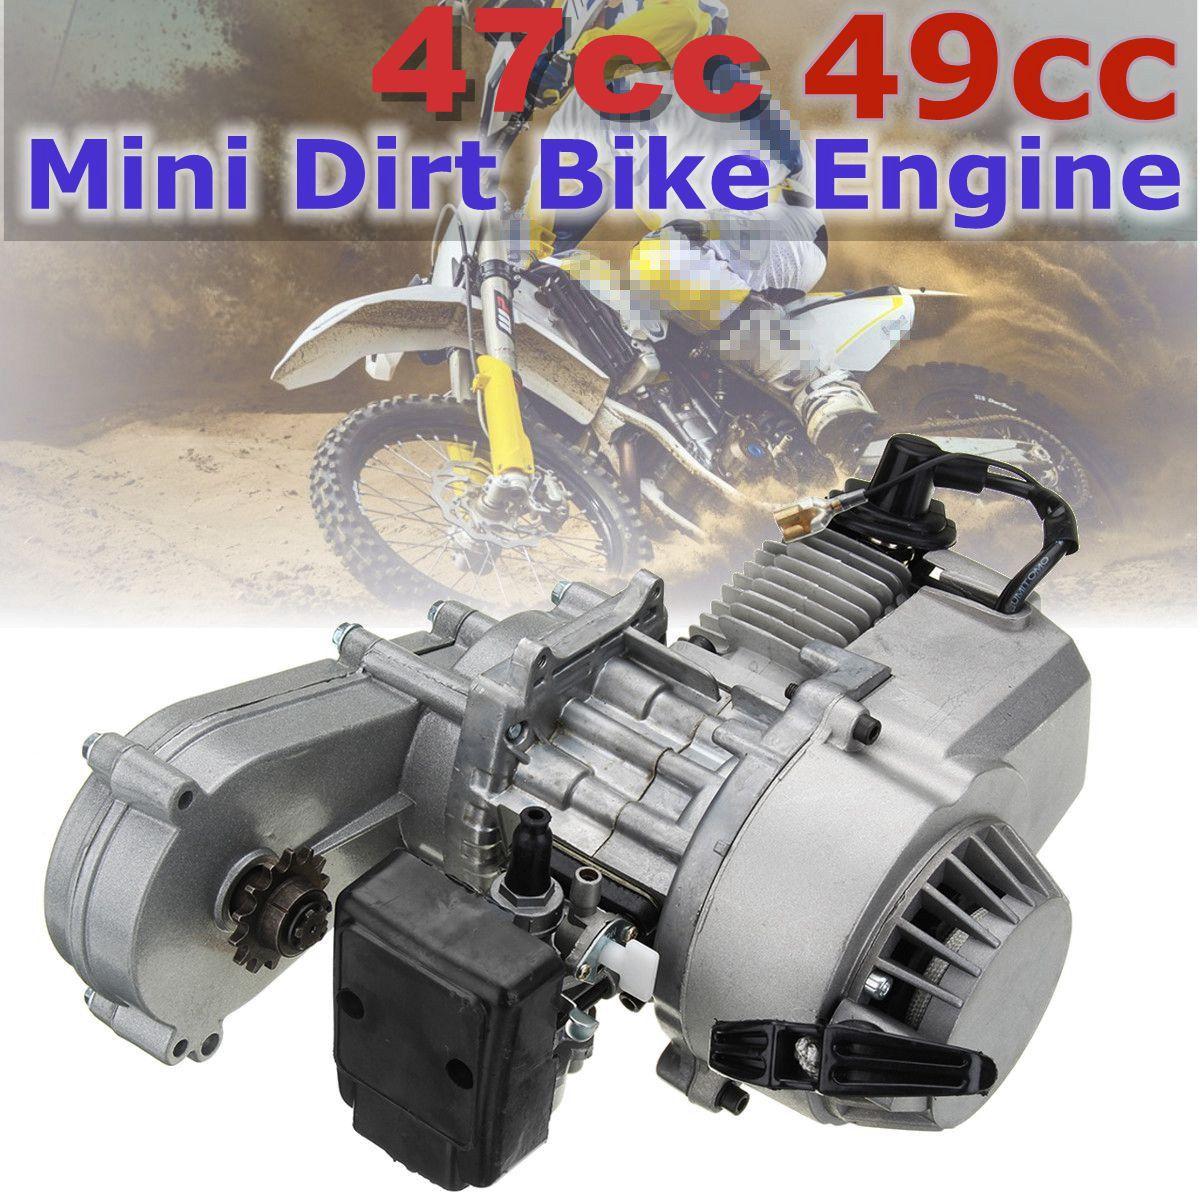 49cc 47cc moto complète moteur 2 temps démarrage par traction avec Transmission argent pour Mini Dirt Bike